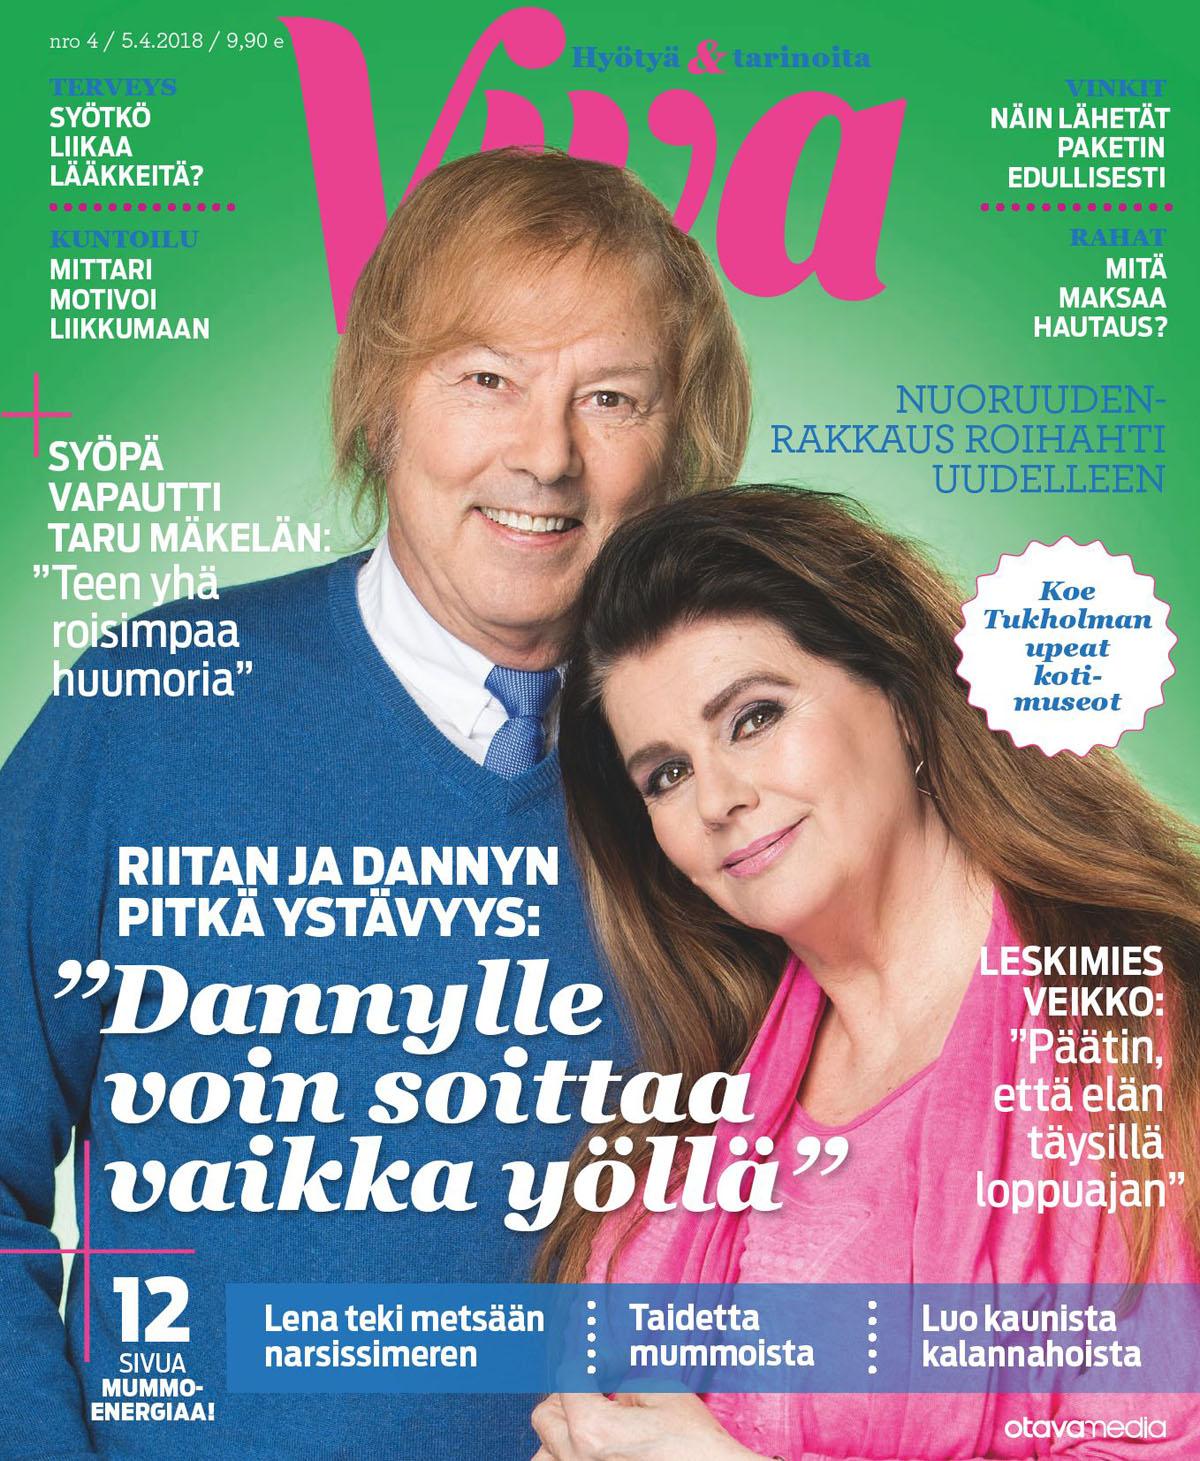 Viva-lehti 4/2018.